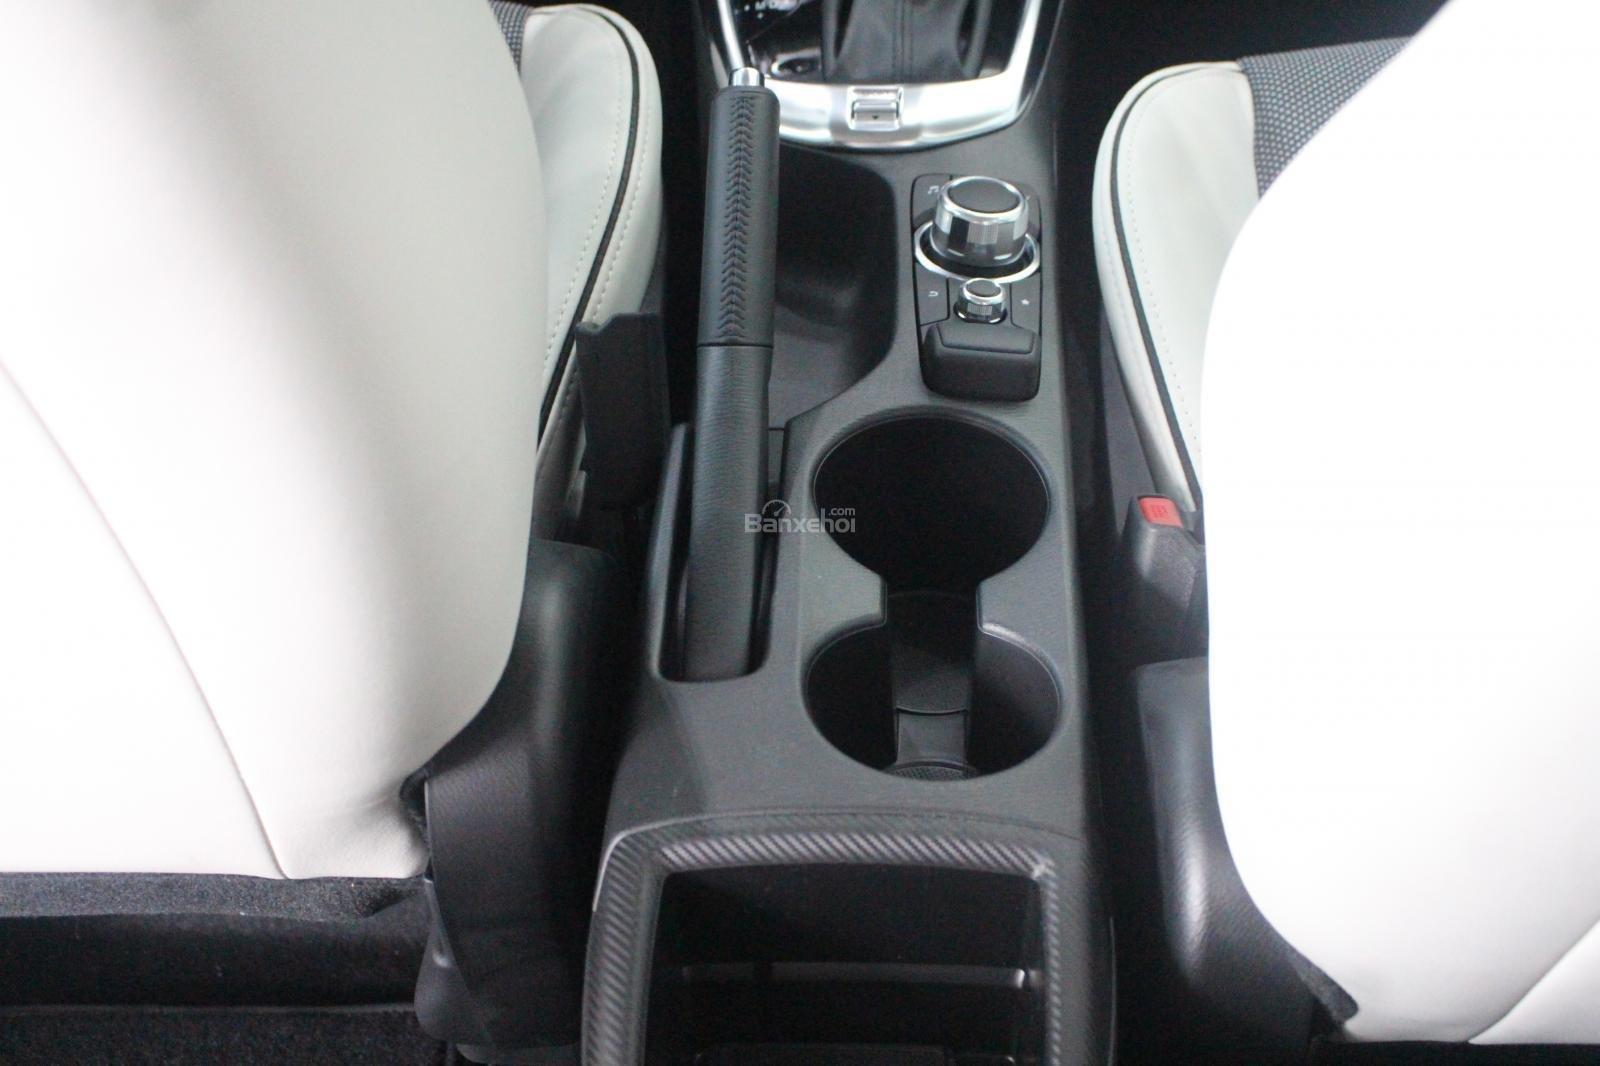 {Mazda Bình Triệu} Mazda 2 1.5 AT full option, xe nhập Thái - LH 0941 322 979 giá rẻ nhất TP Hồ Chí Minh-7